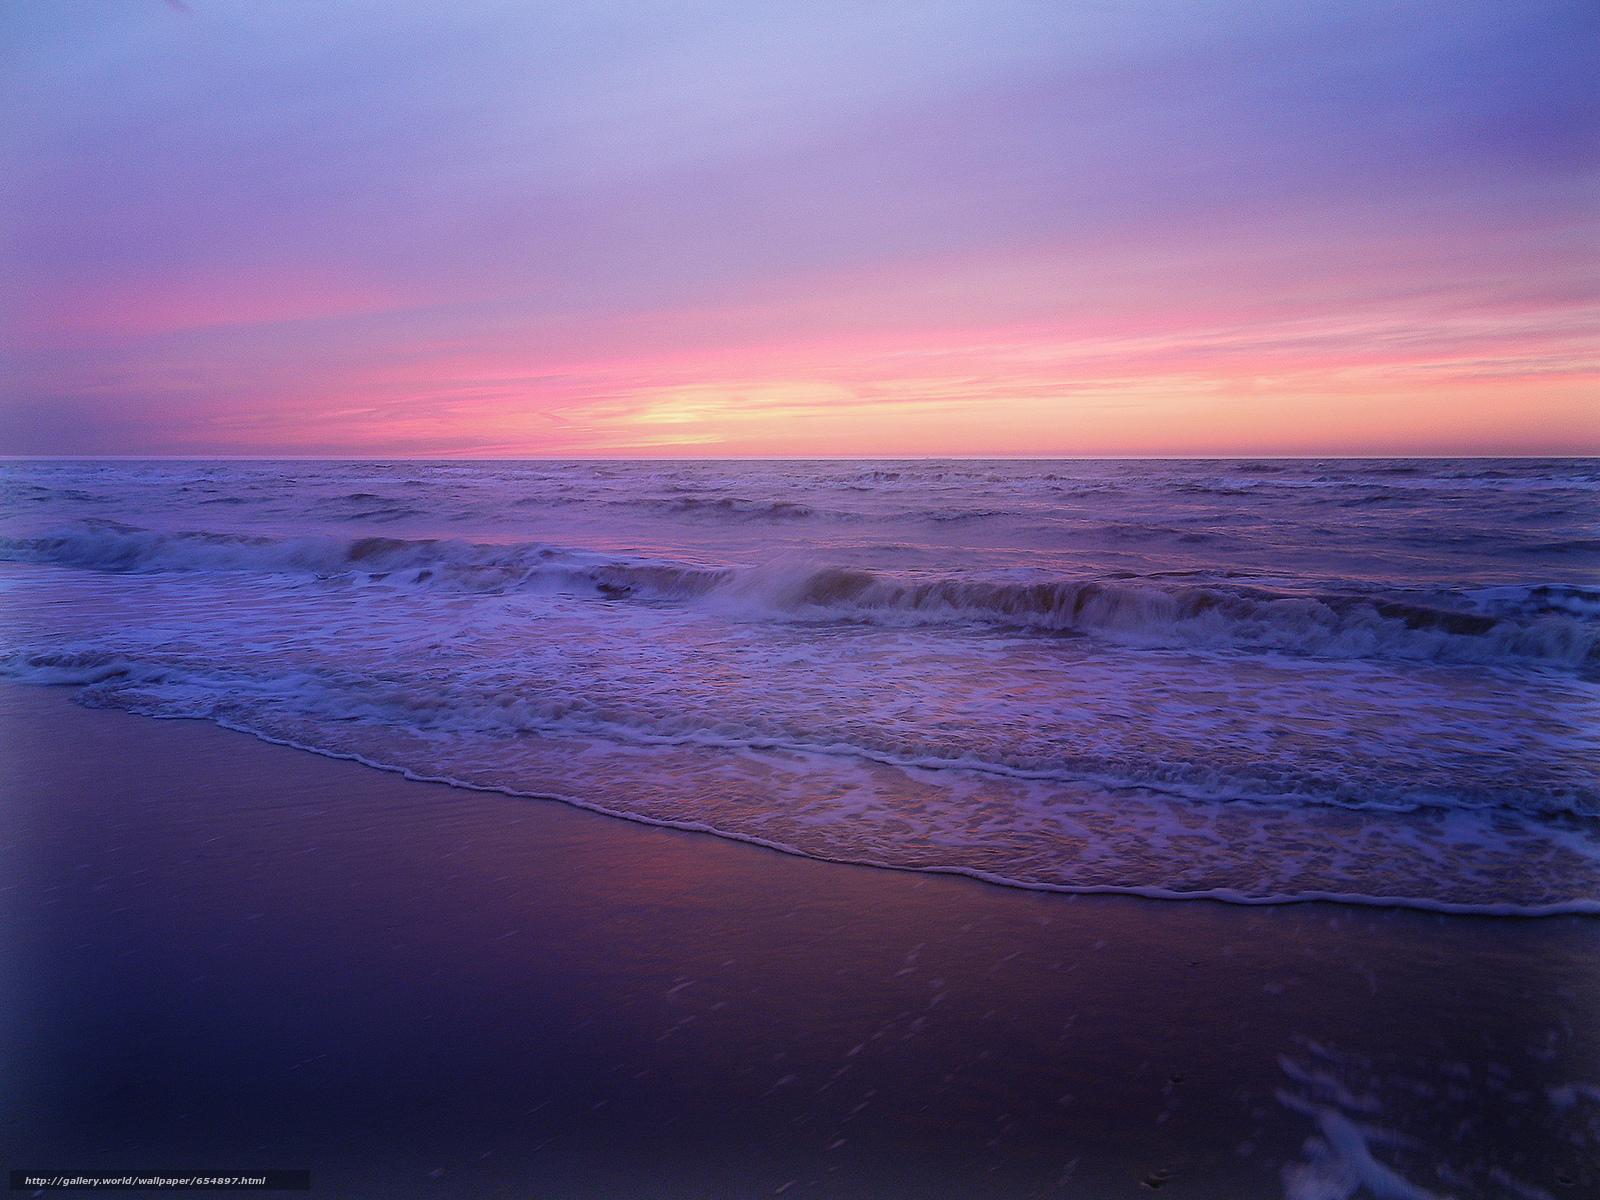 Скачать обои закат,  море,  берег,  волны бесплатно для рабочего стола в разрешении 2048x1536 — картинка №654897